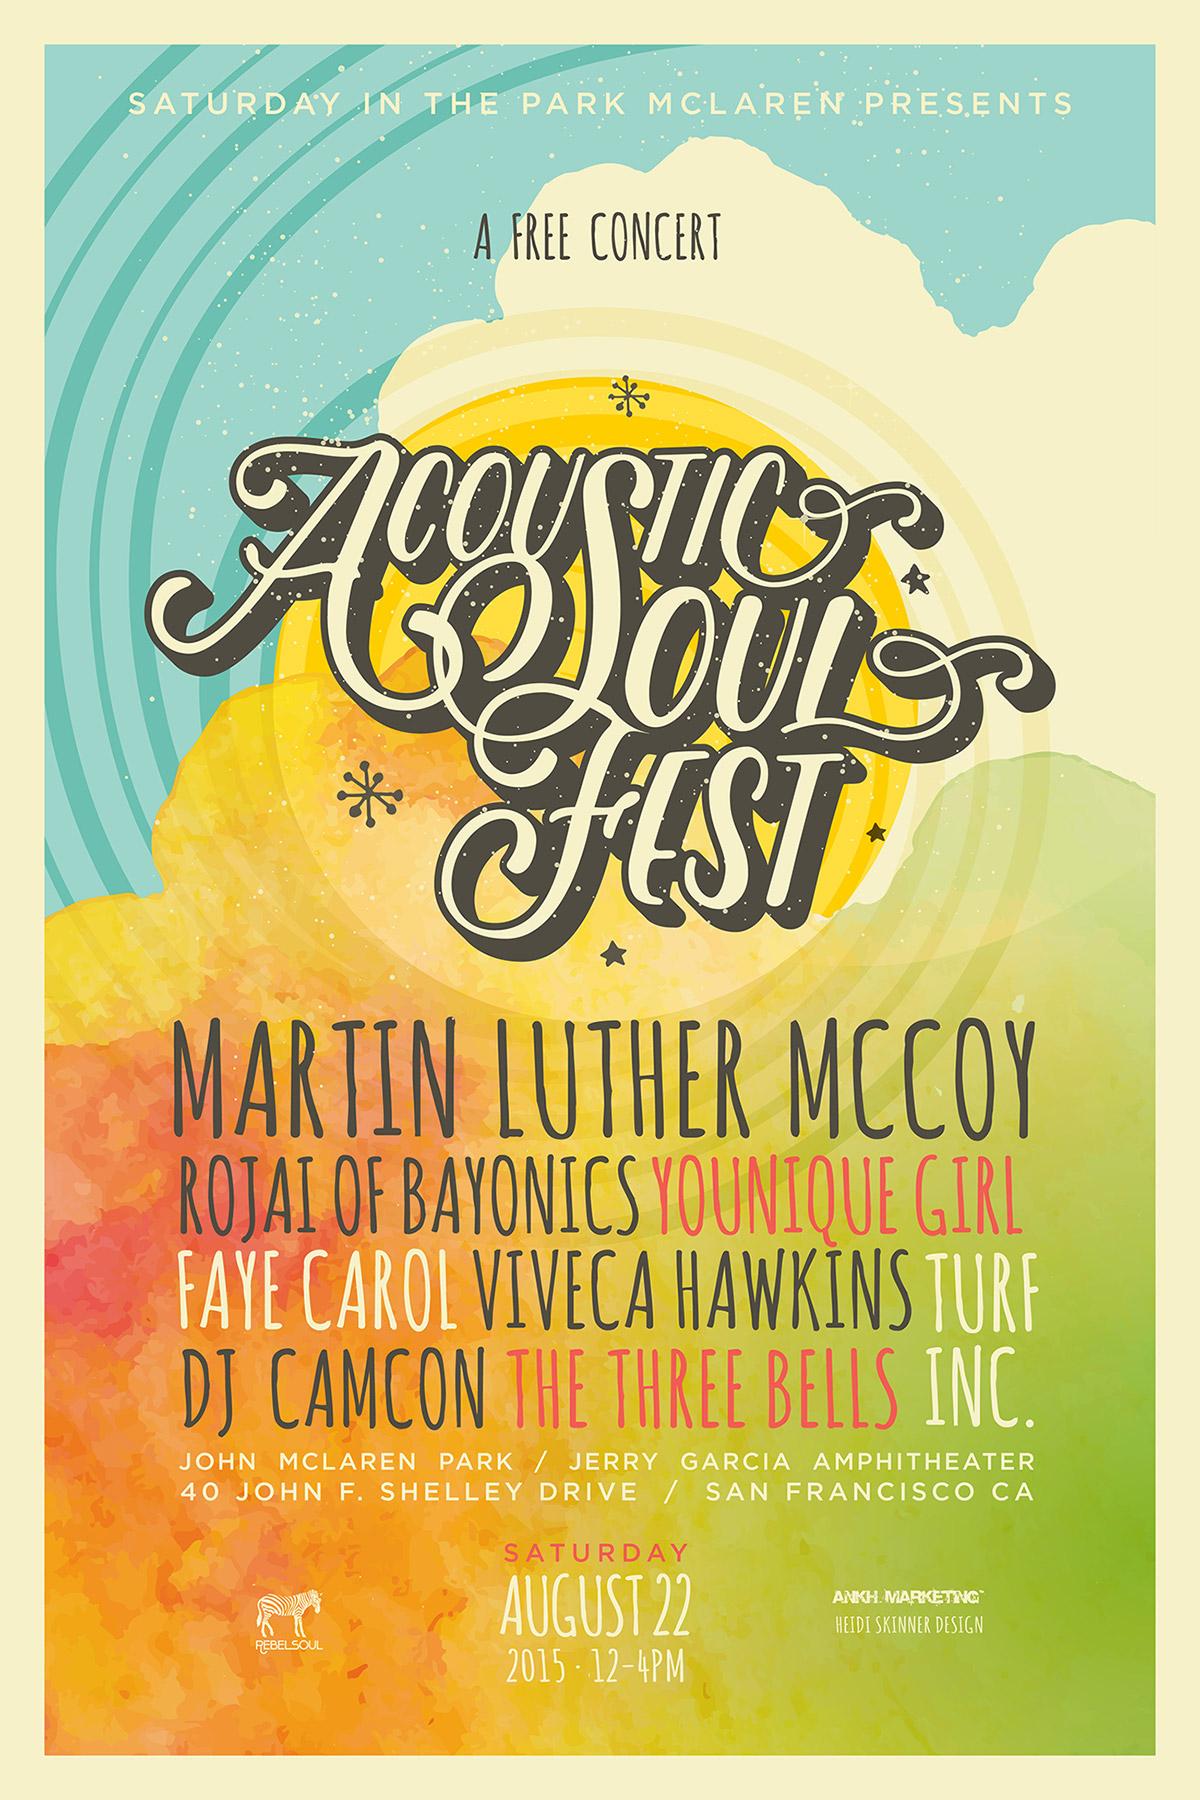 Acoustic Soul Festival poster / Design by Heidi Skinner